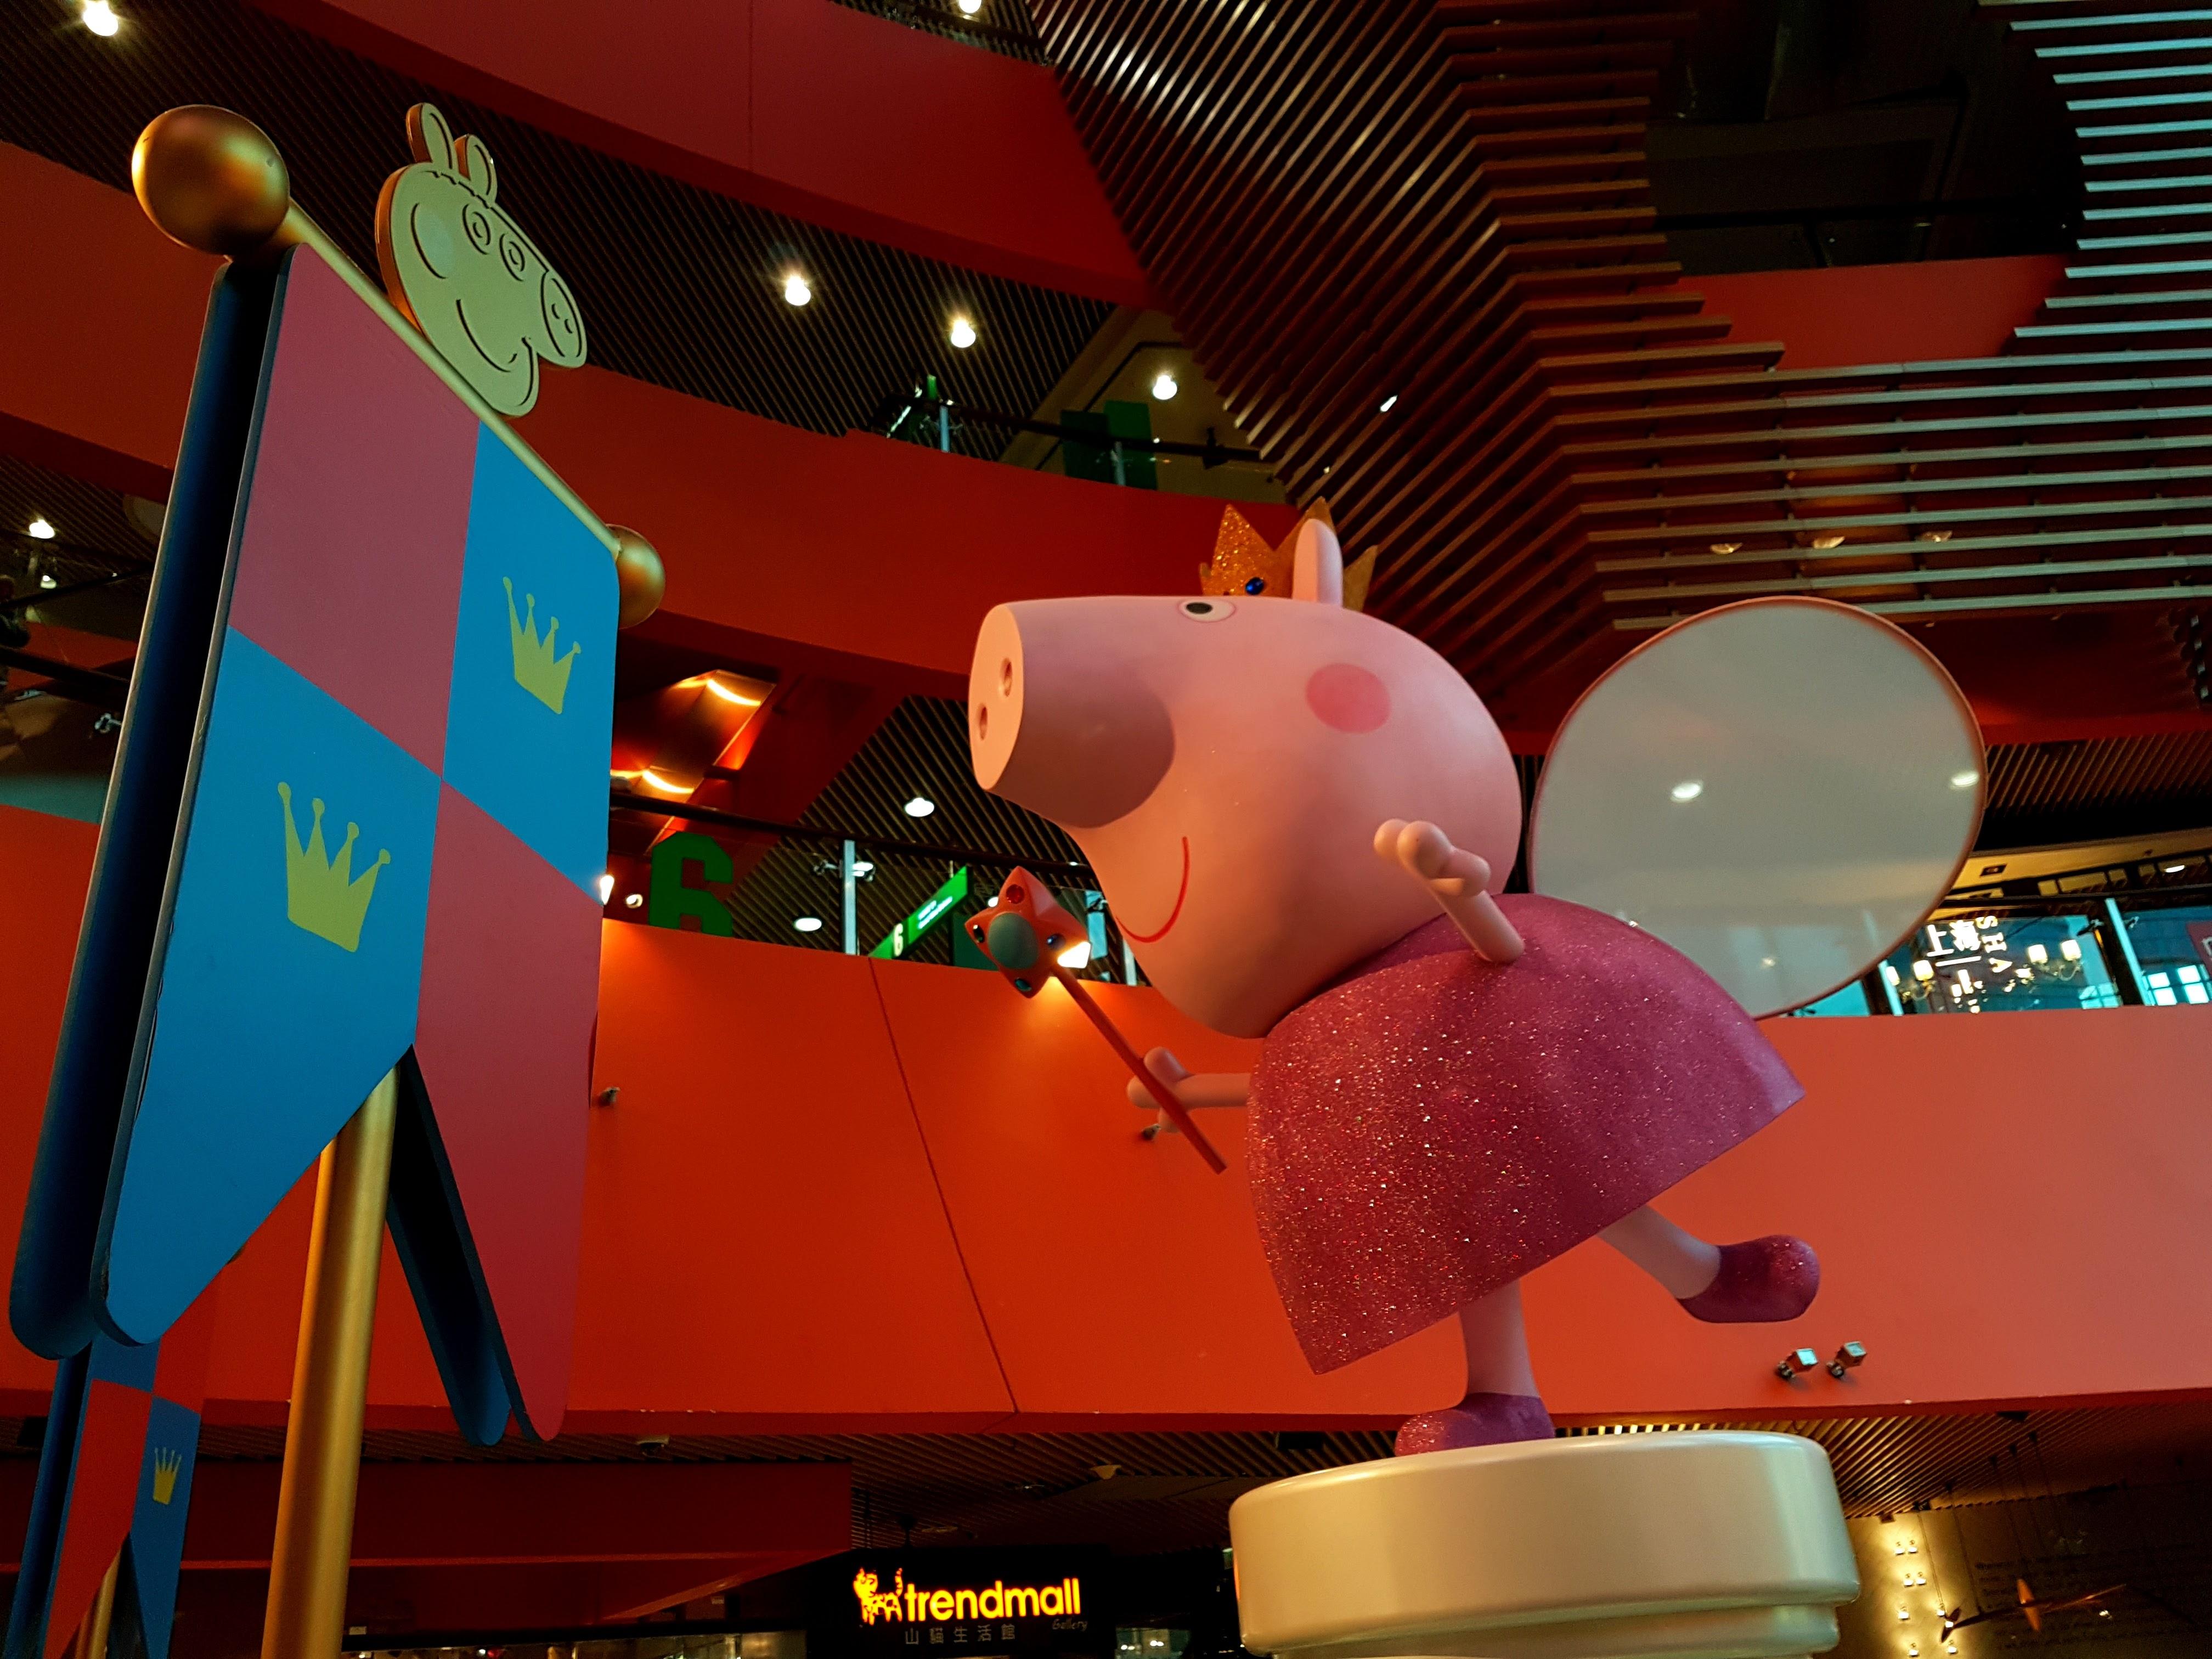 Huge Peppa Pig Installation at MegaBOX - Kowloon Bay